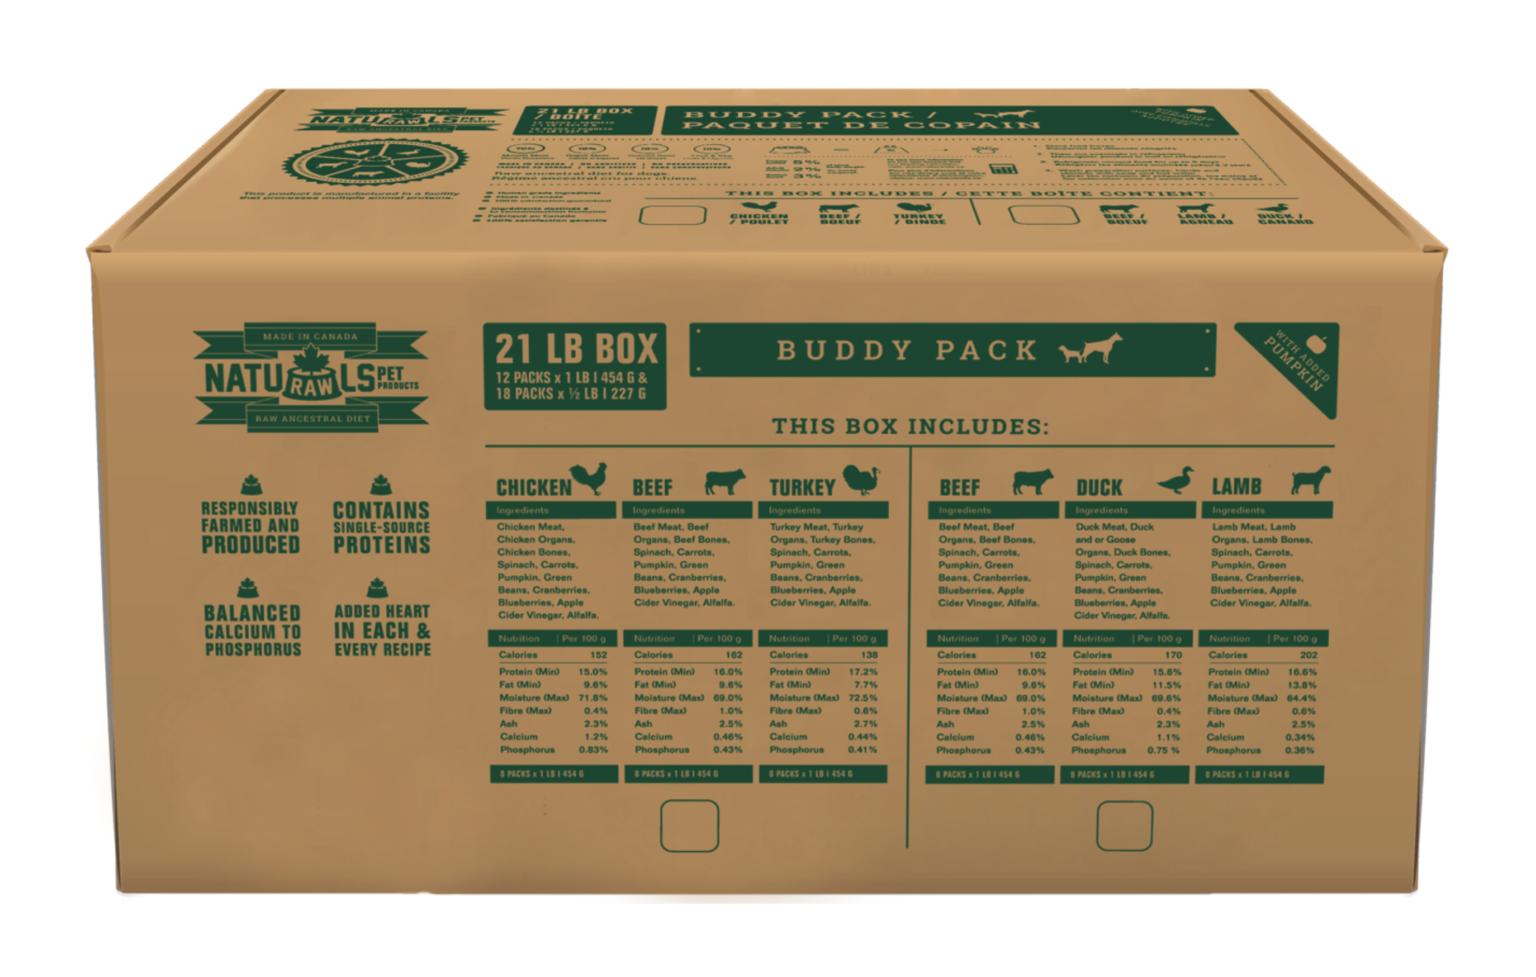 Buddy Pack Chicken/ Beef /Turkey Bulk